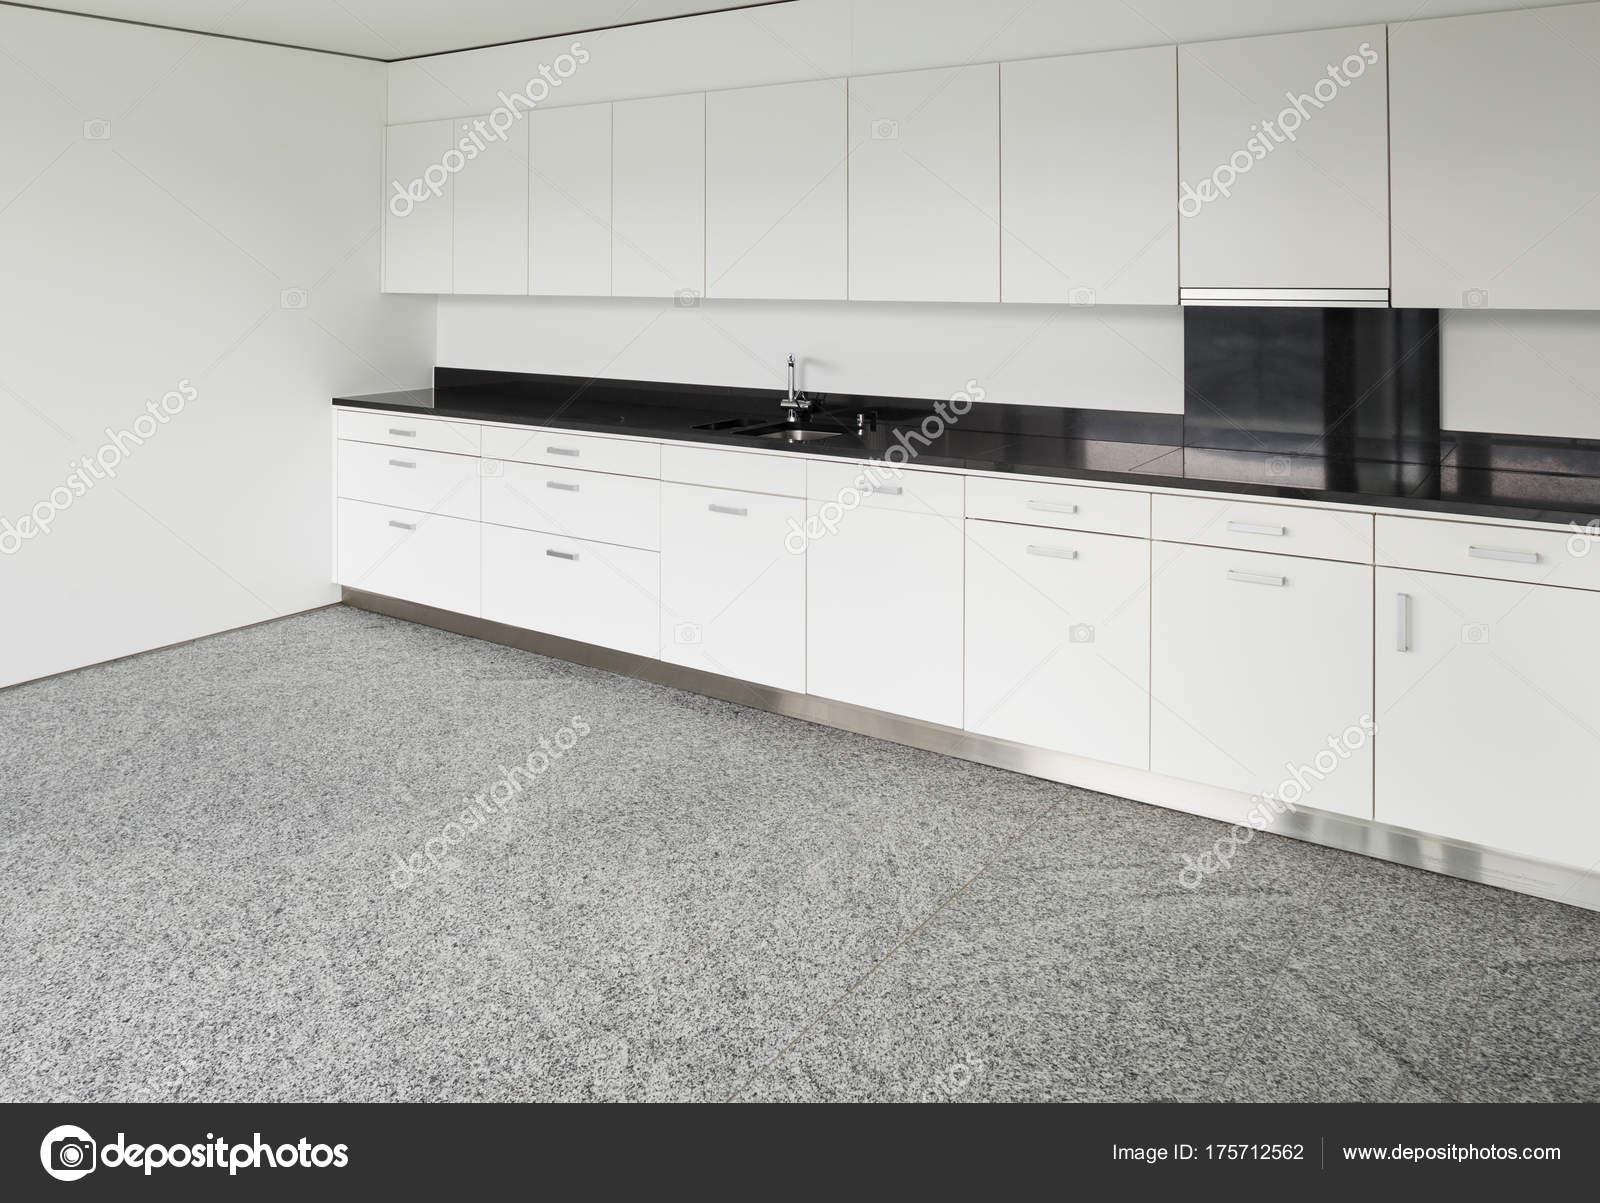 Große Wohnung, moderne Küche — Stockfoto © Zveiger #175712562